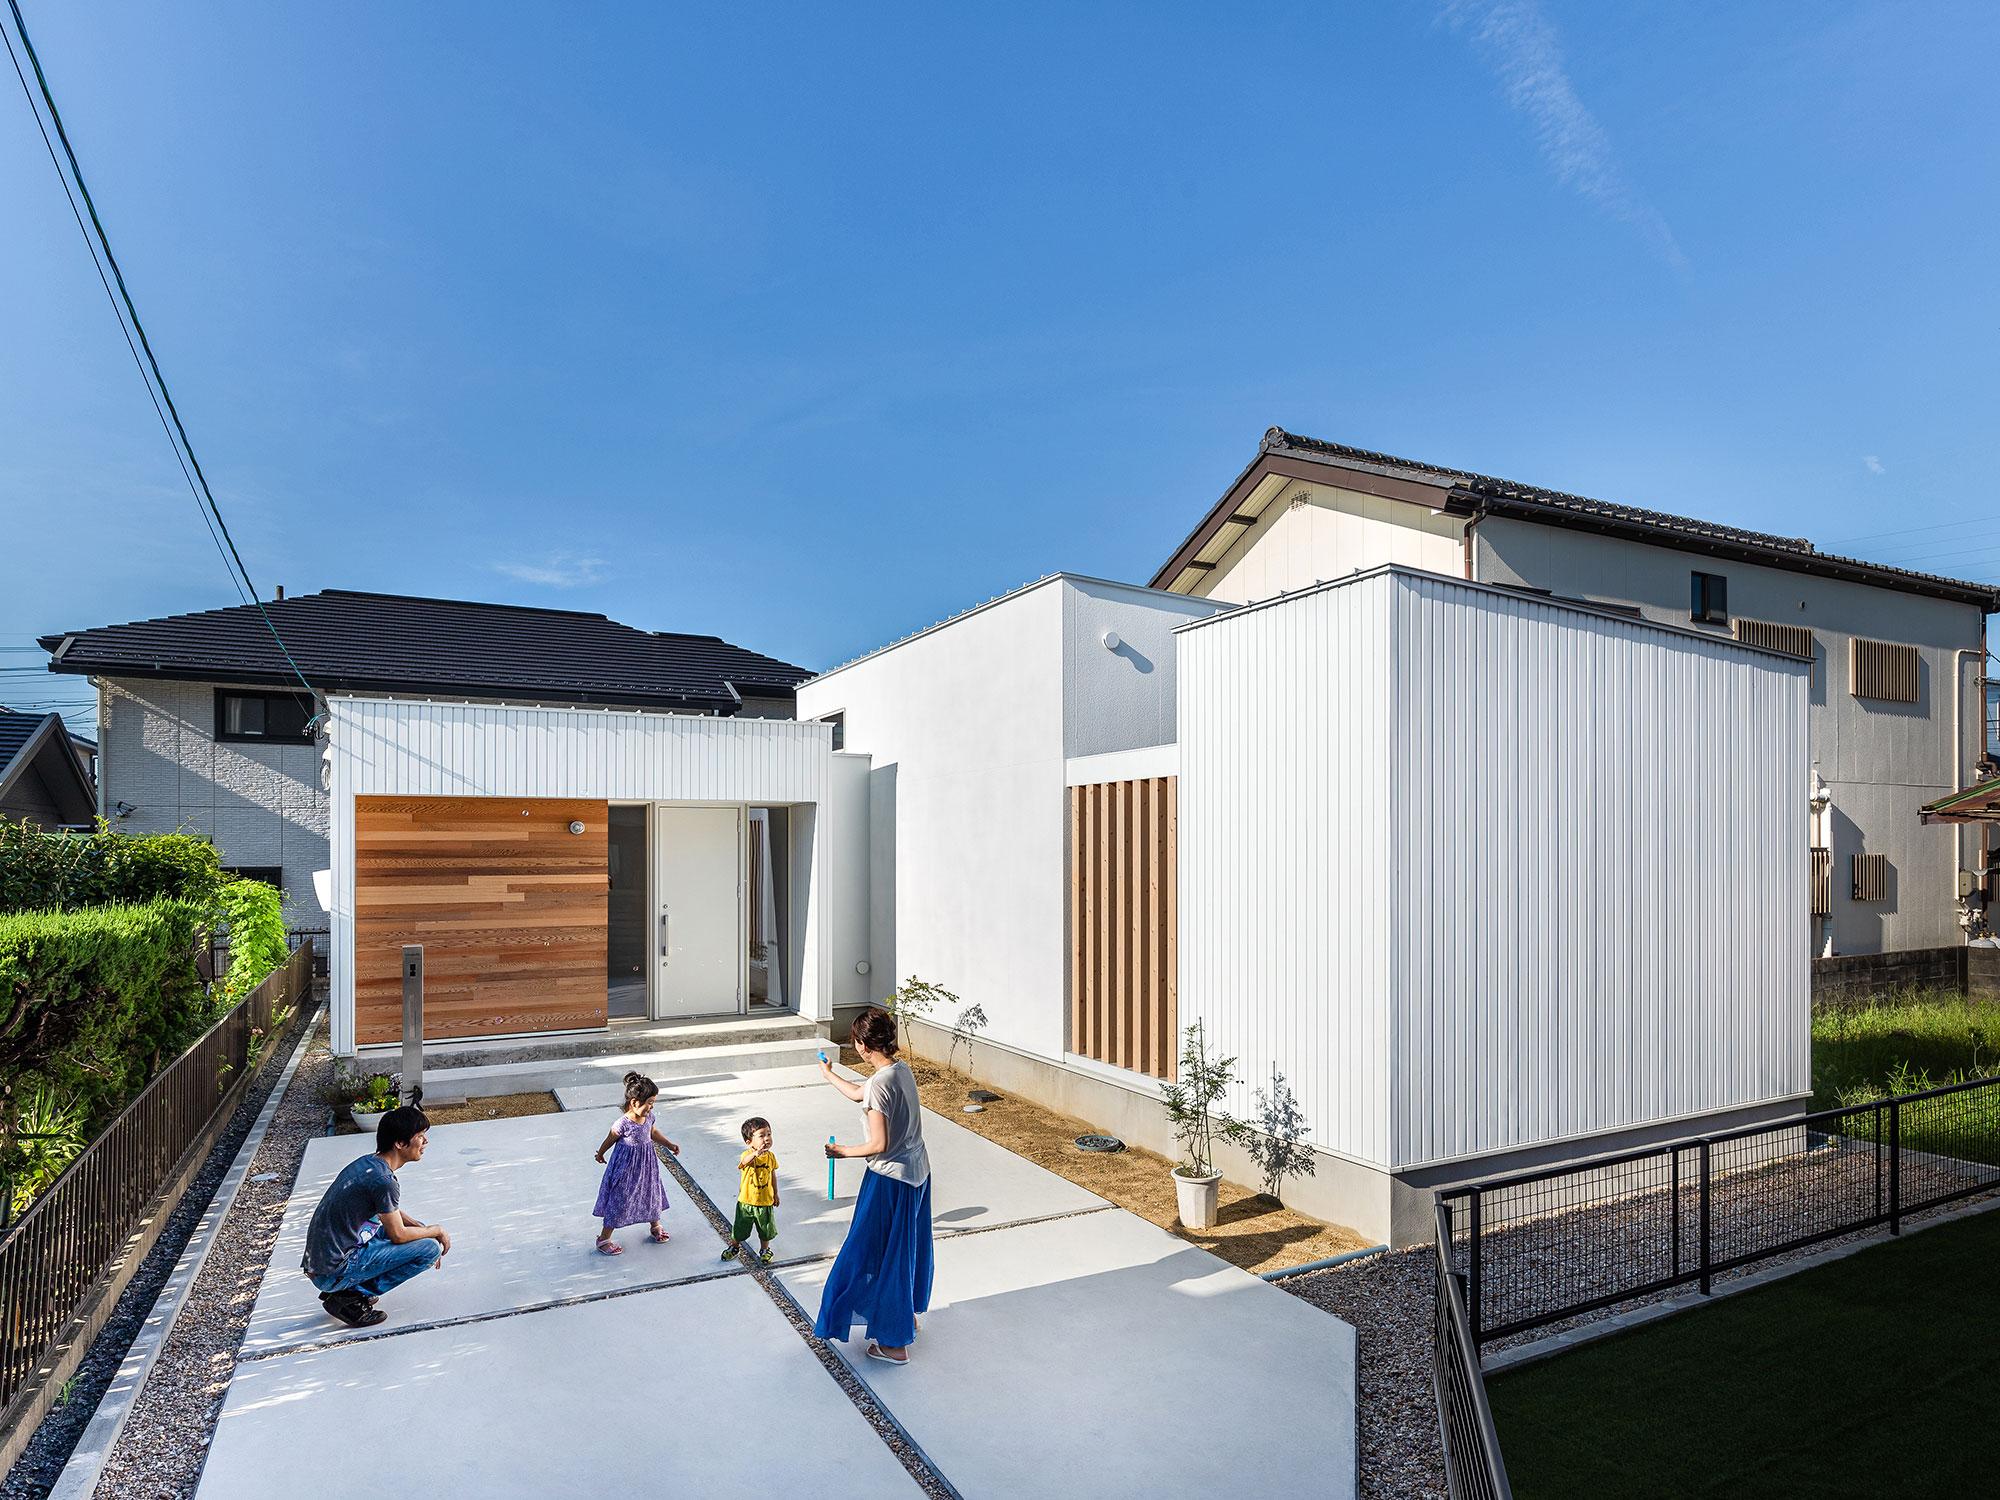 箱つなぎの家02|愛知県津島市|Natureスペース施工事例